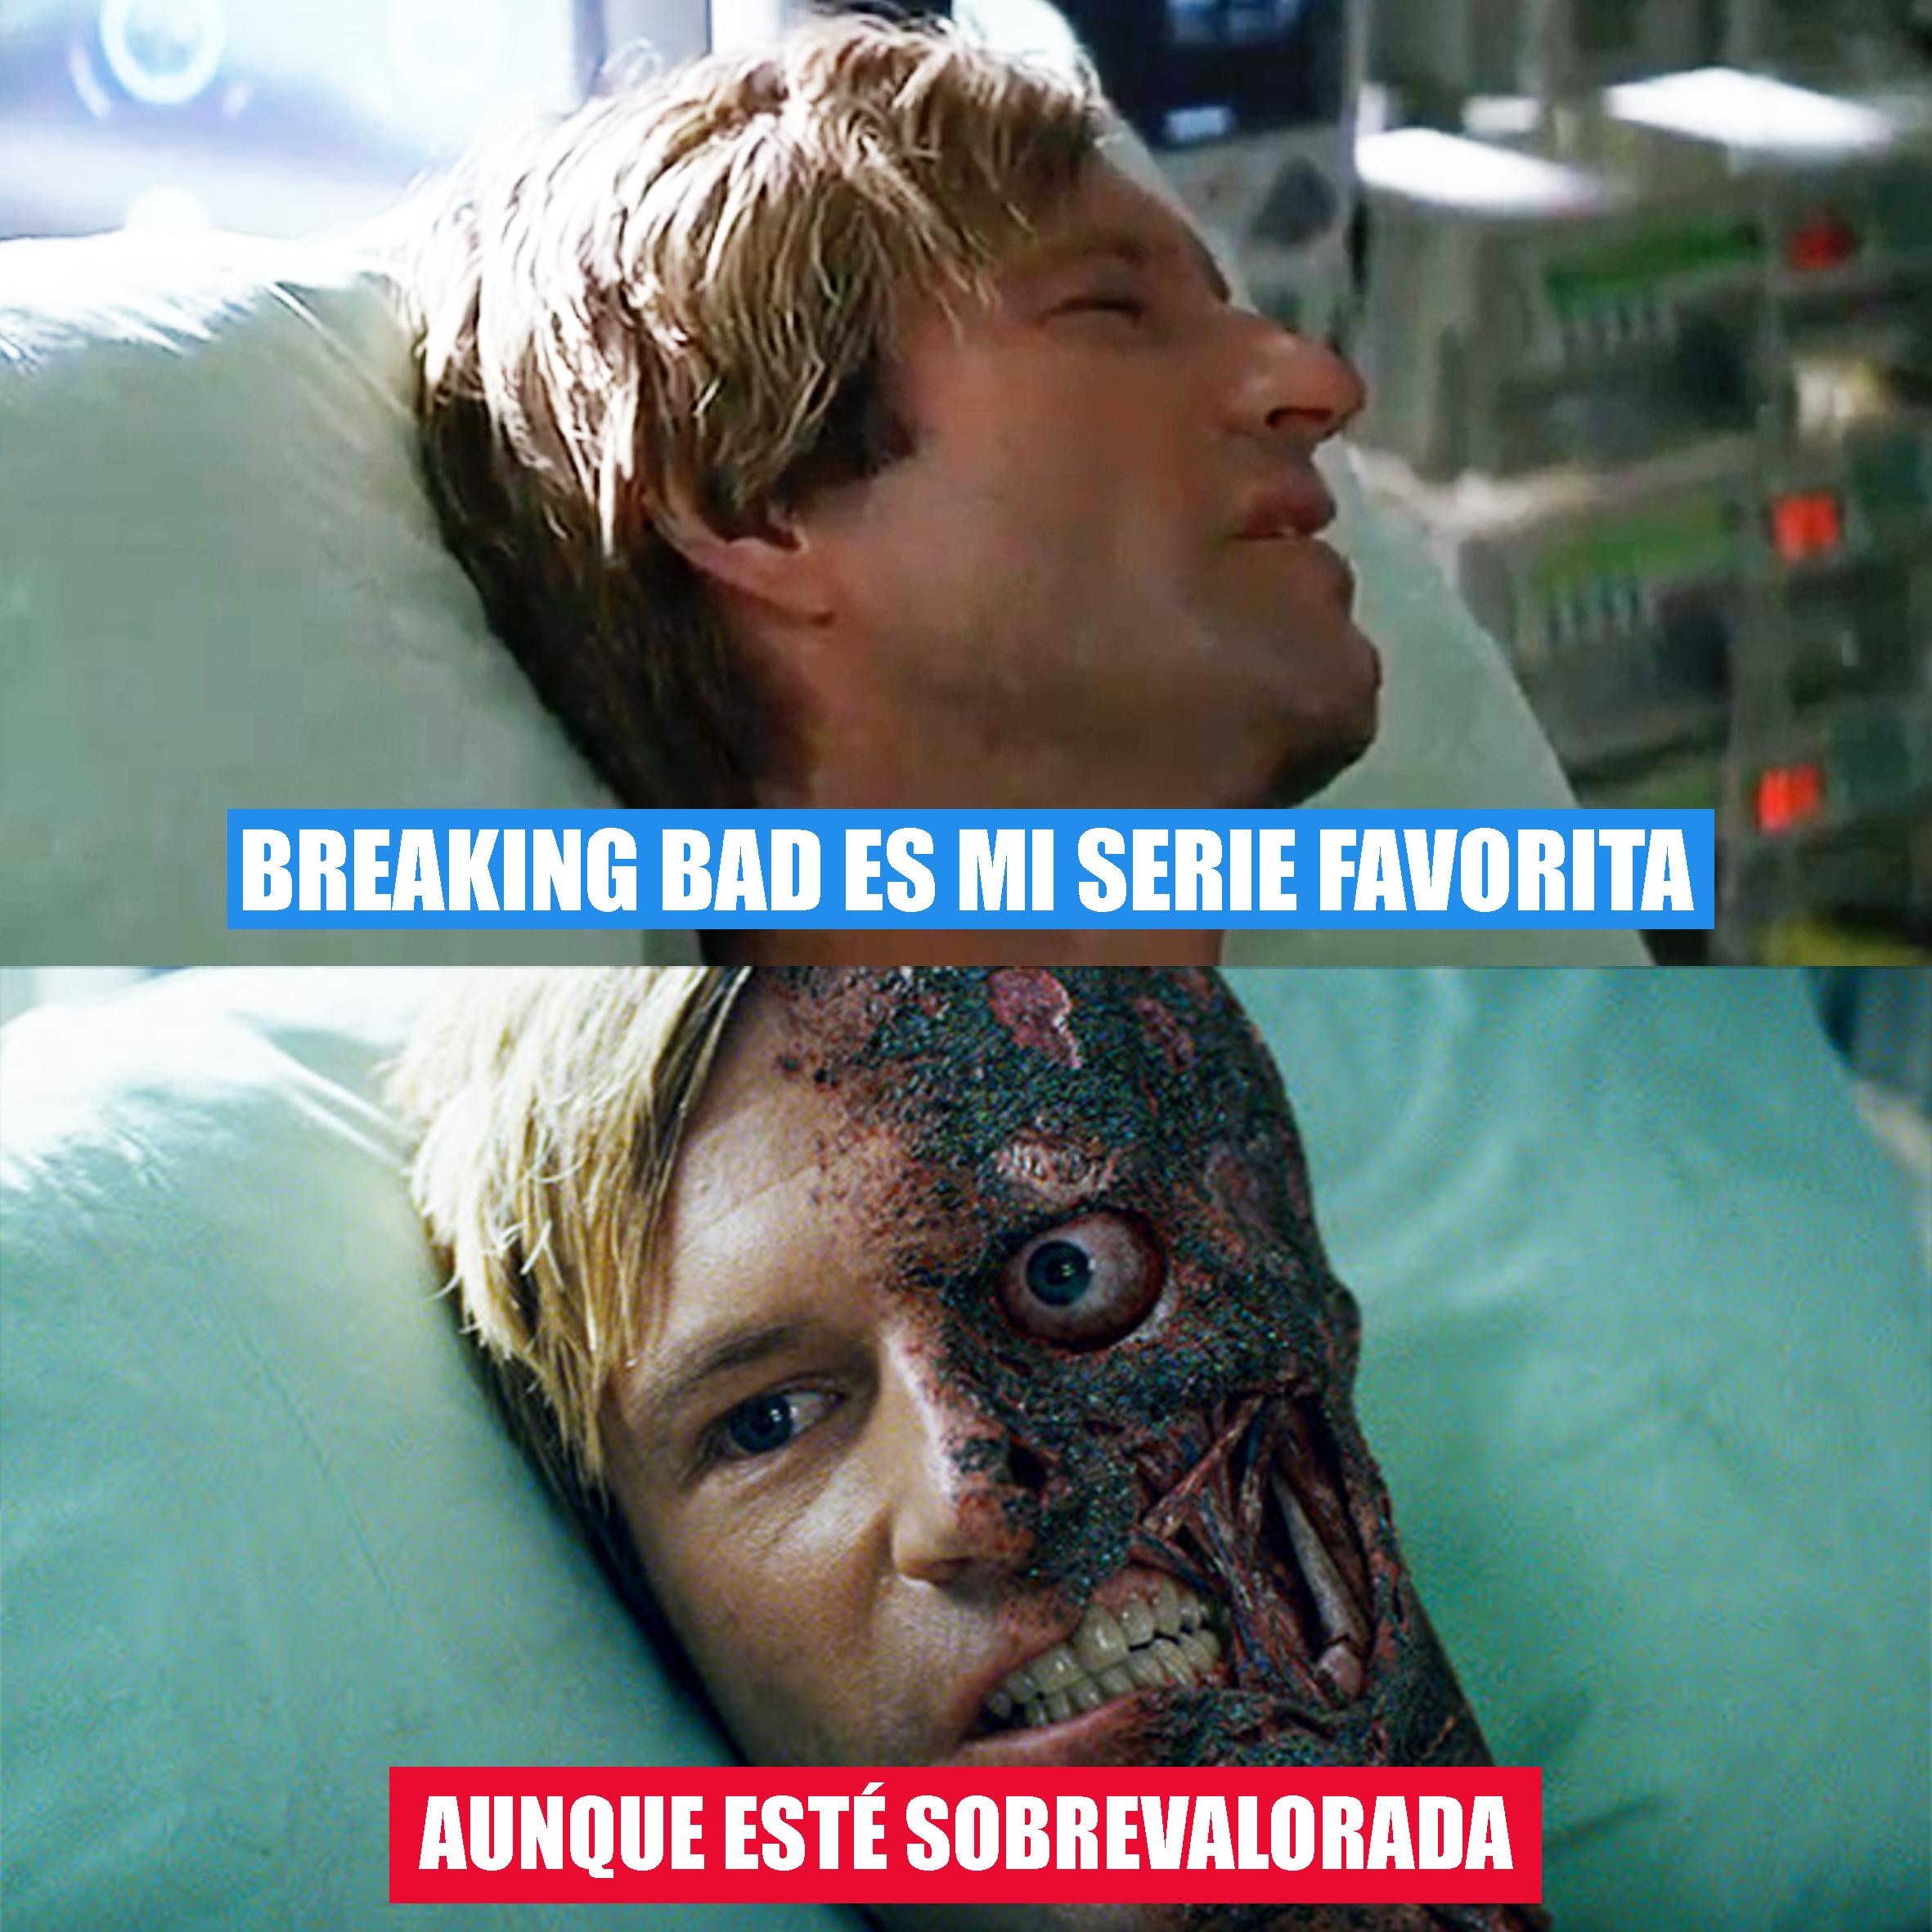 Verdades Breaking Bad Dent Meme